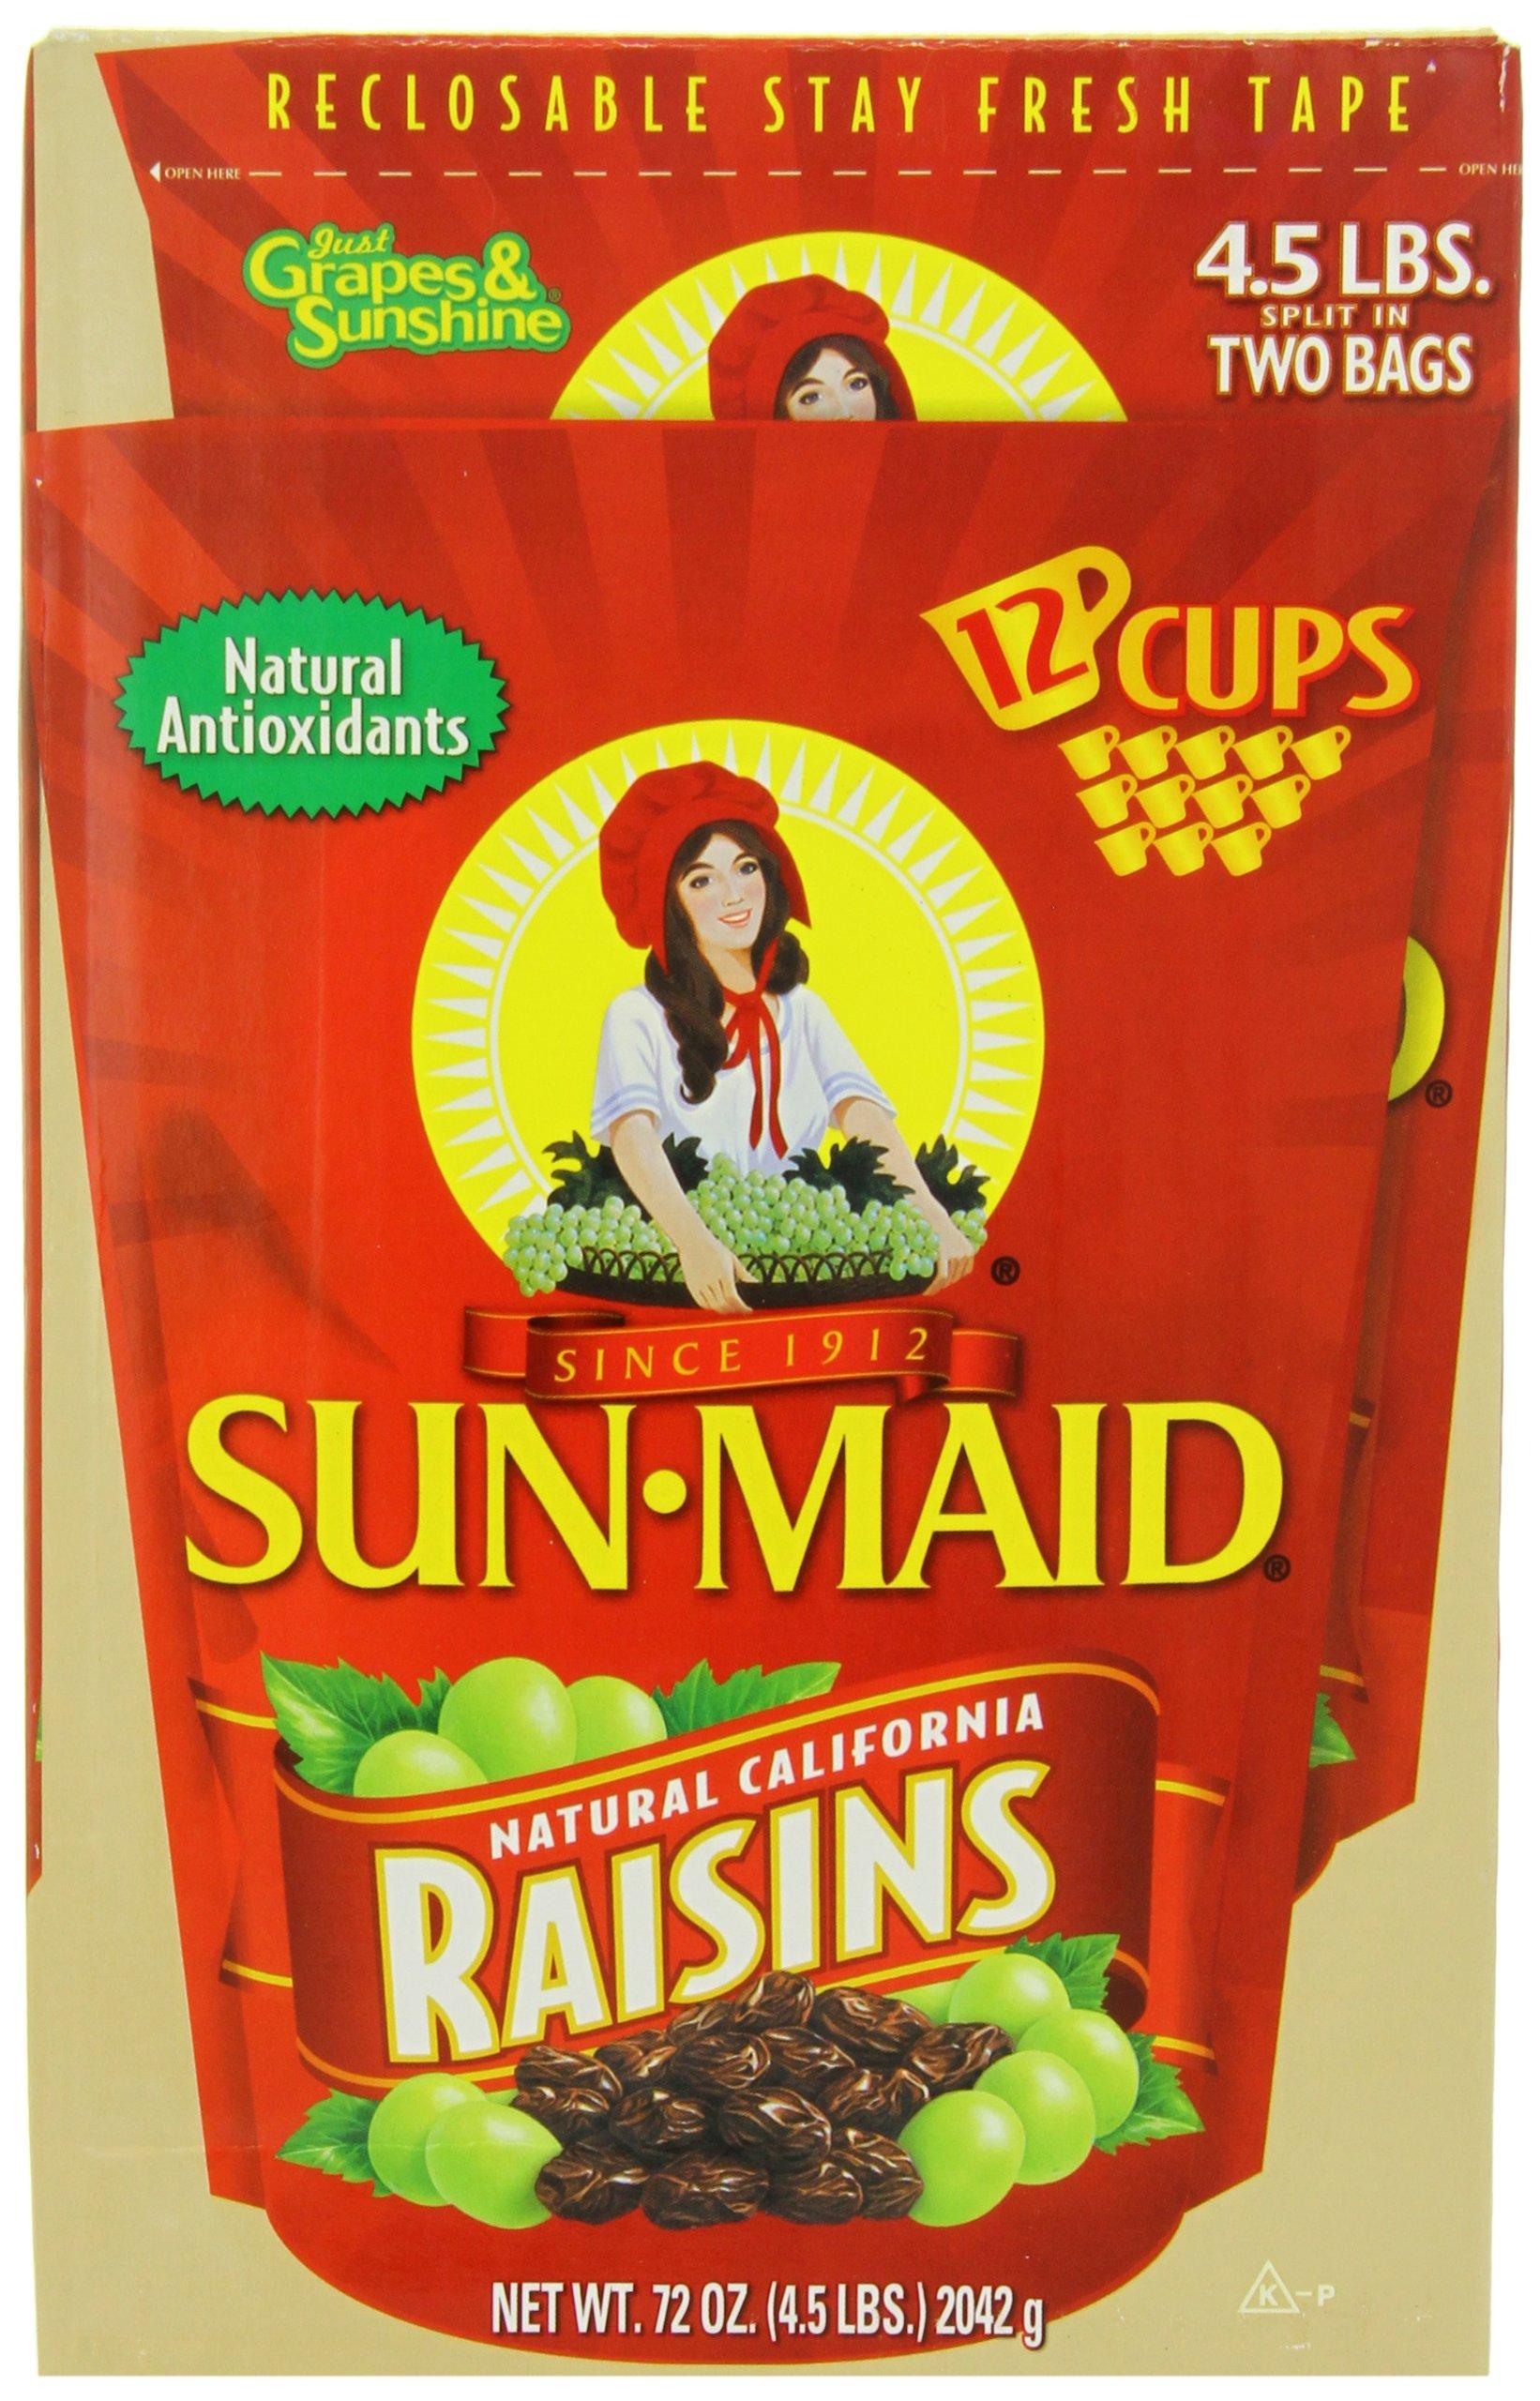 Sun Maid Natural California Raisins, 4.5-Pounds Package by SUN-MAID